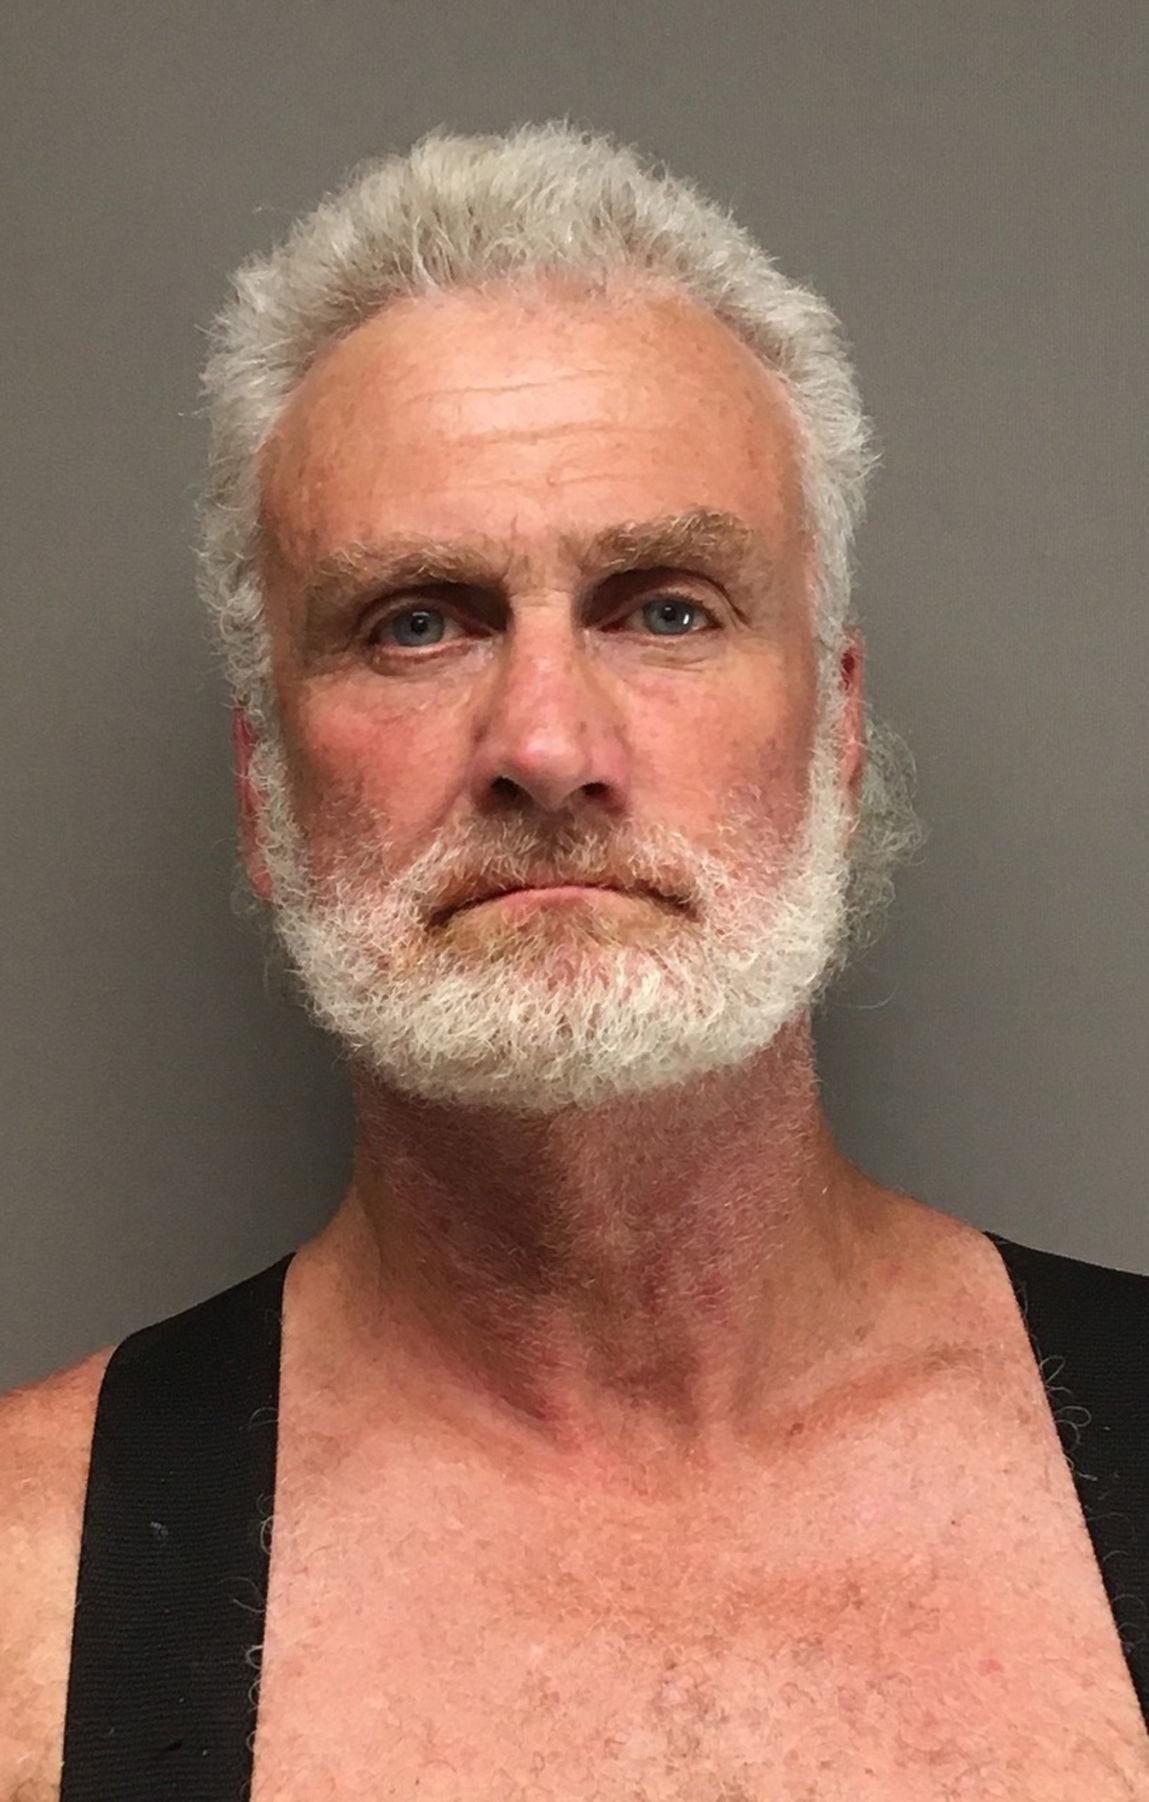 10-10-19 meth arrests wiederholt.jpg